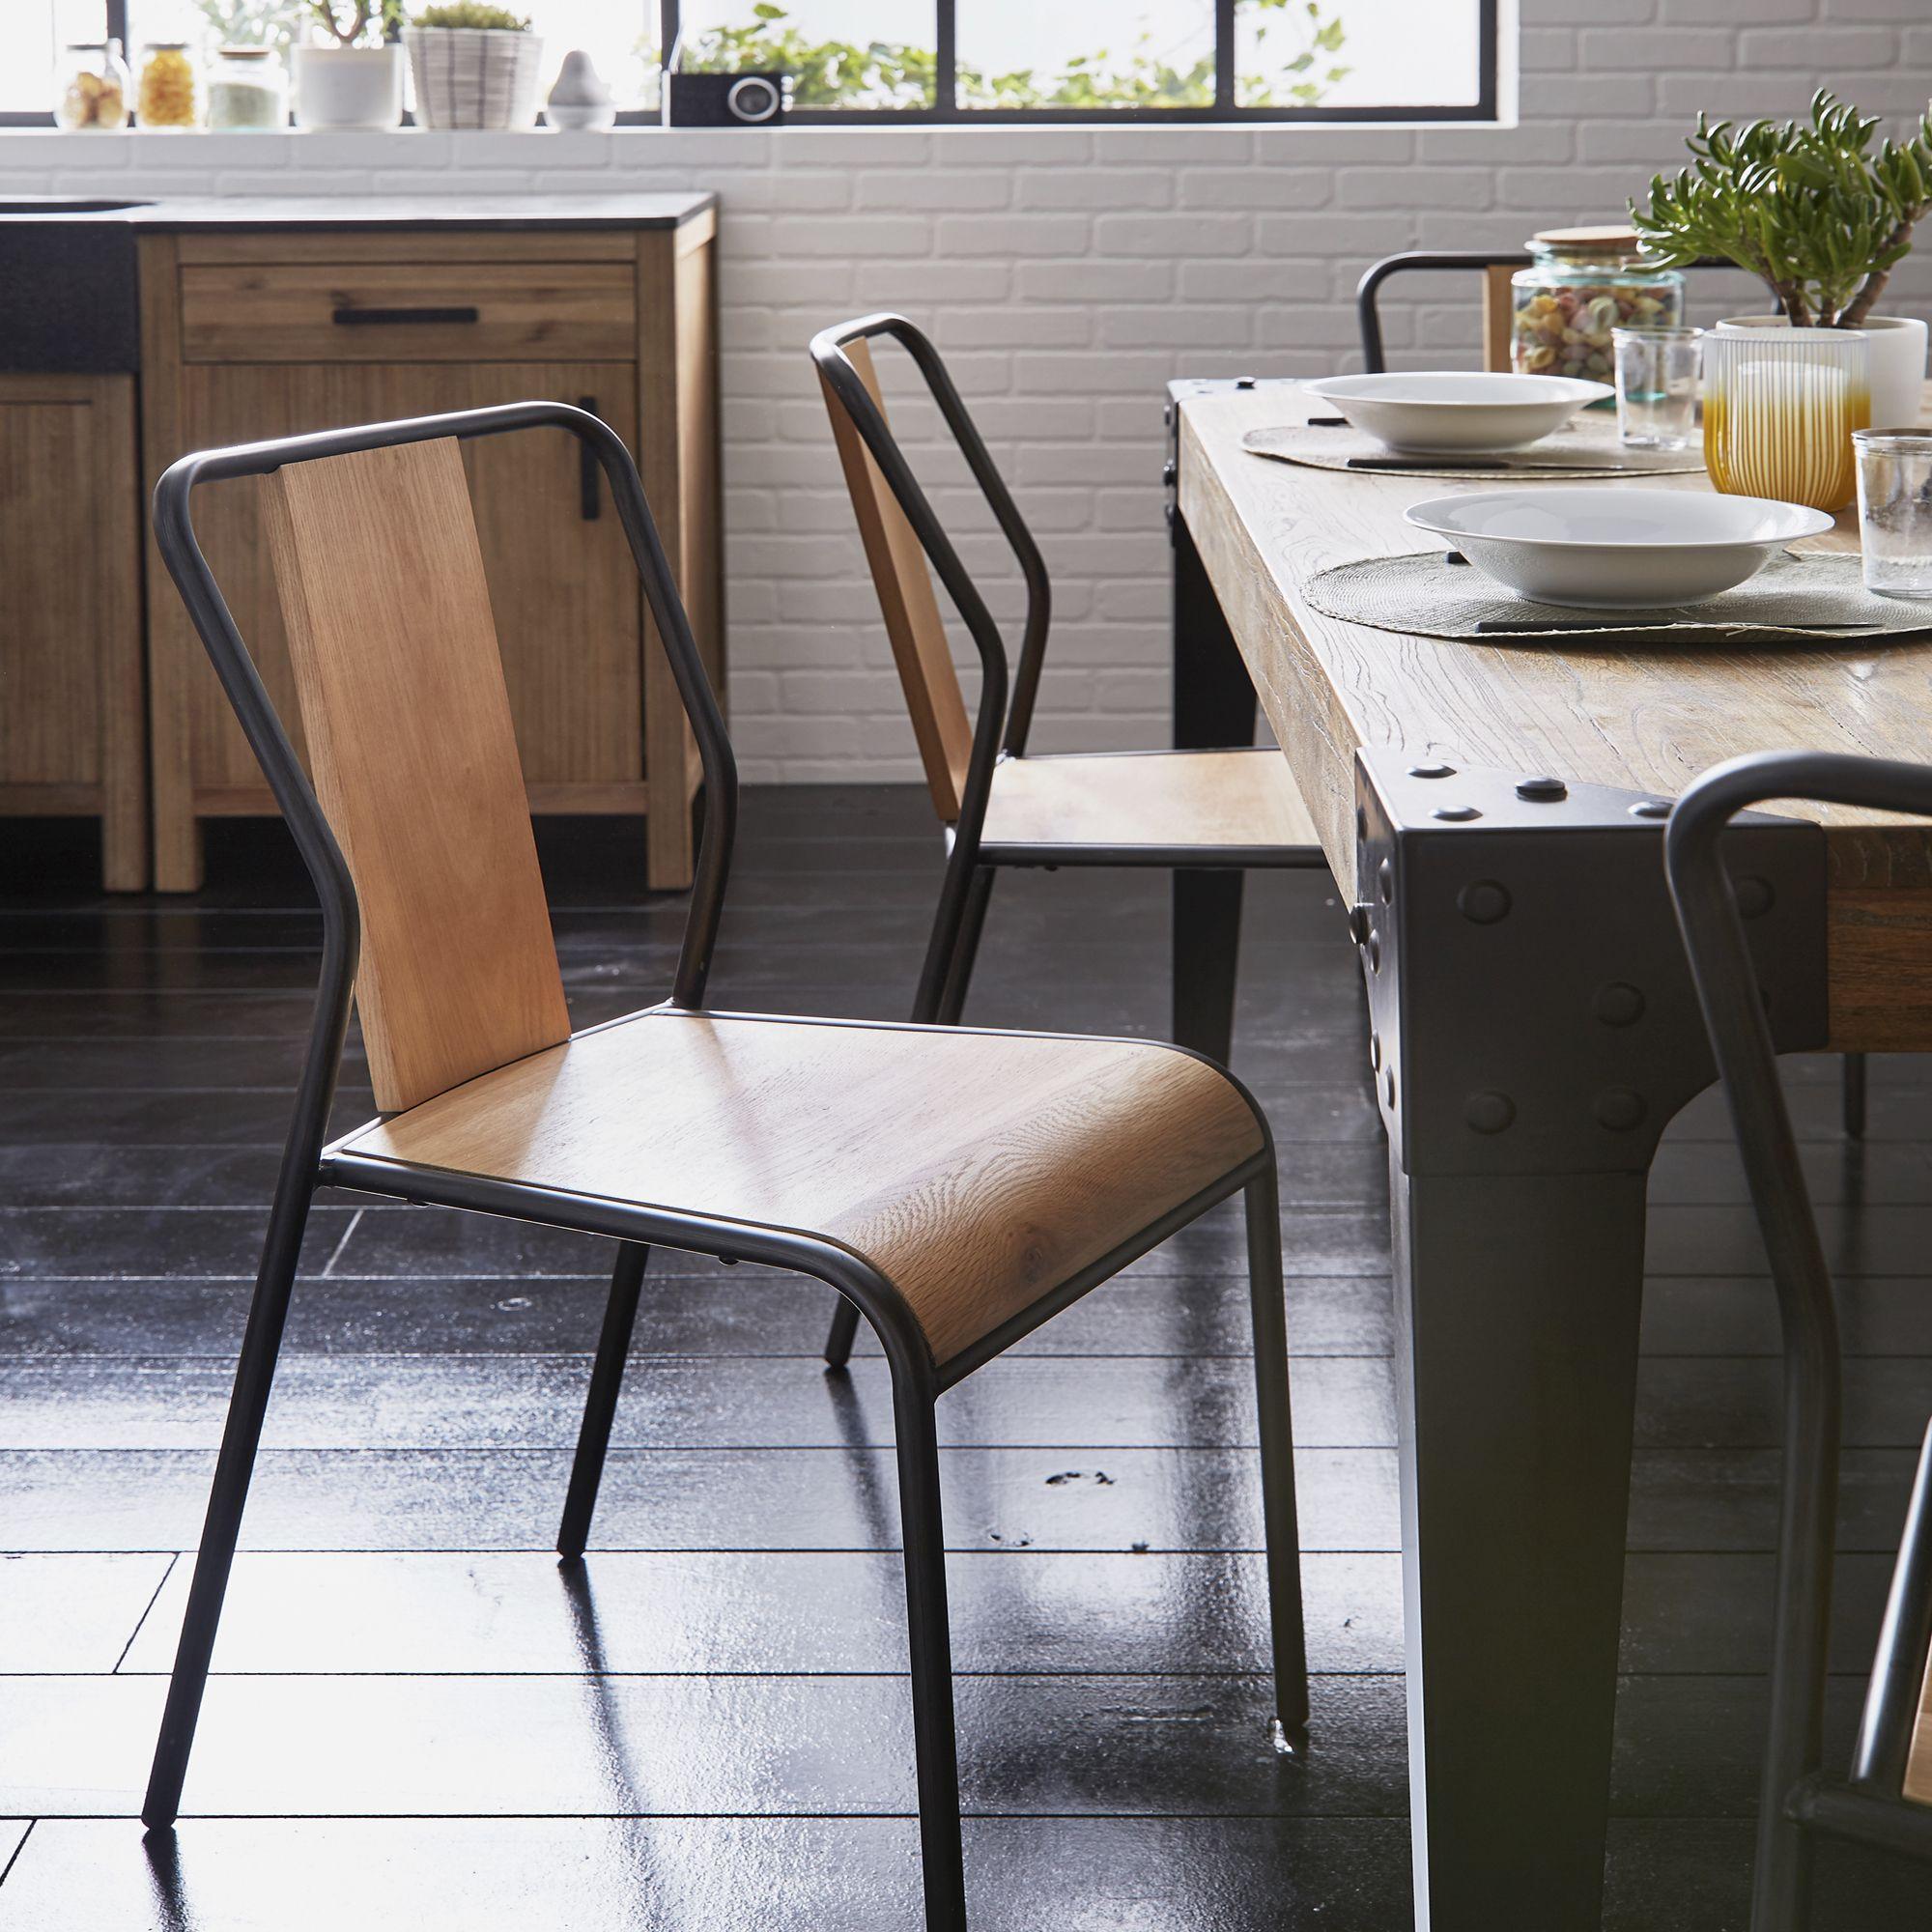 Chaise en chêne et métal - SIDONIE - chaise de salon  Mobilier de